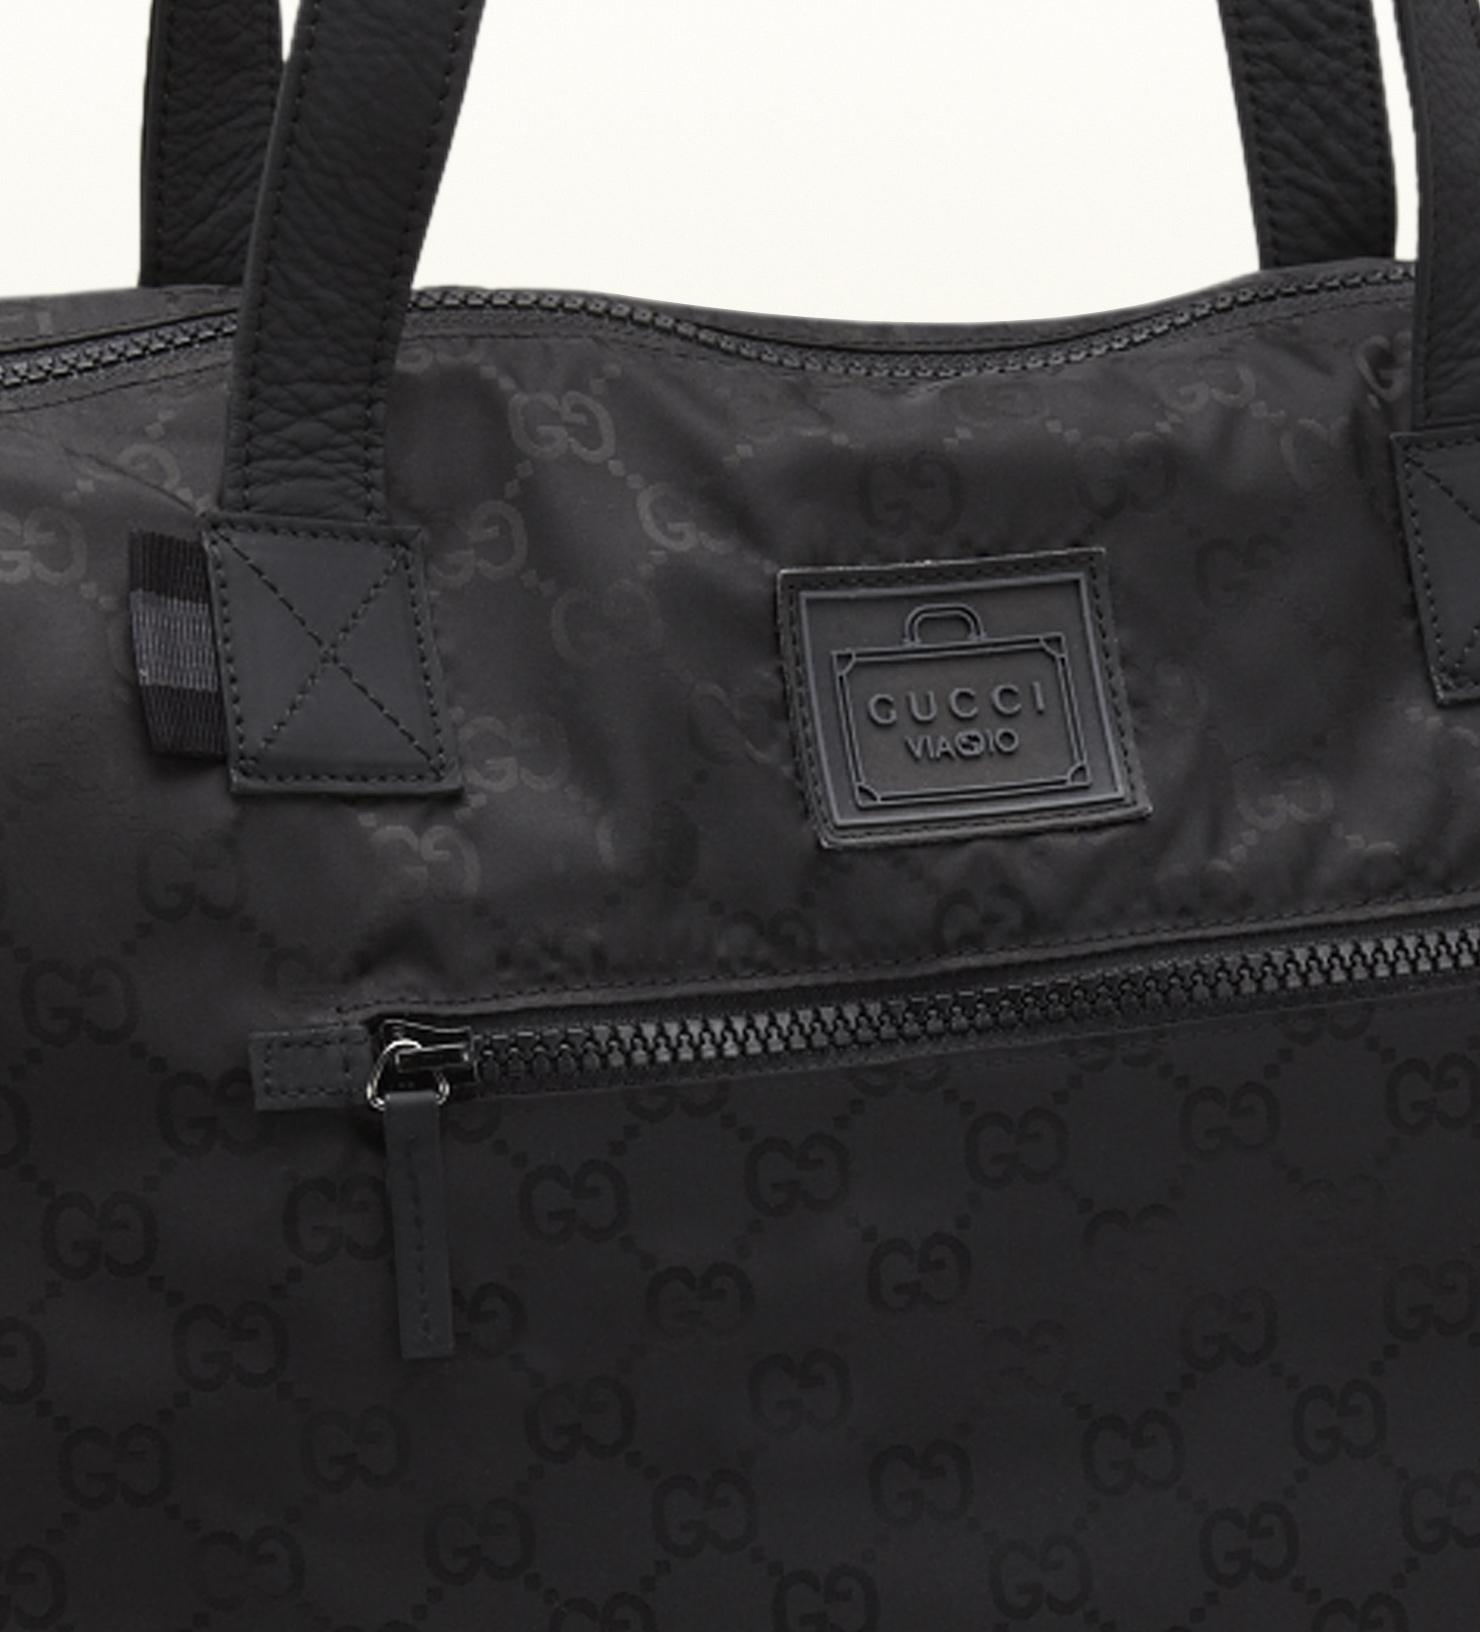 8f90b21014ea Lyst - Gucci Black Gg Nylon Duffel Bag From Viaggio Collection in ...